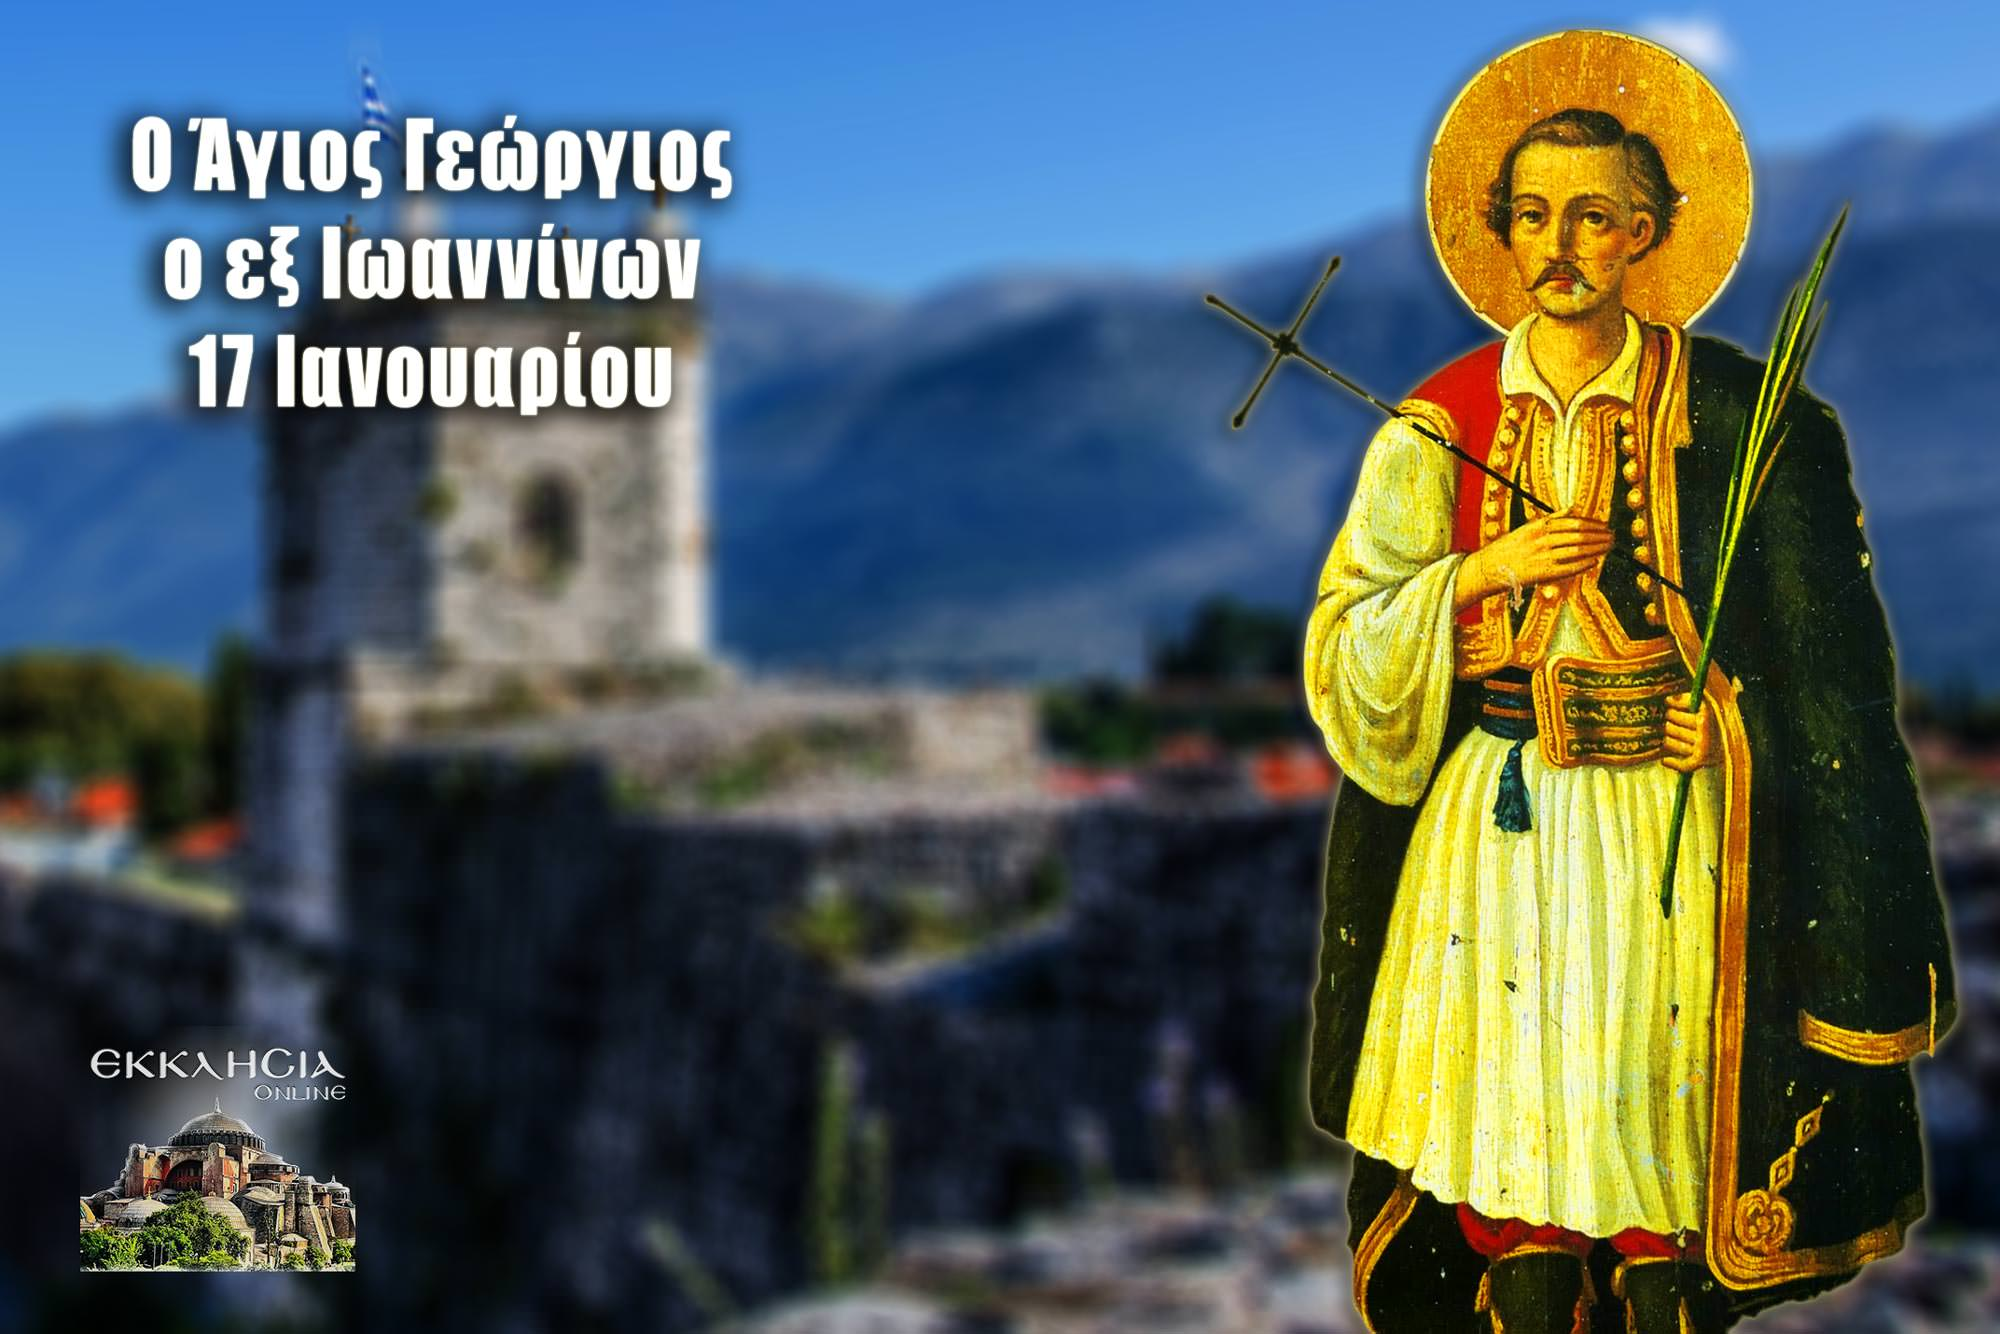 Άγιος Γεώργιος Ιωαννίνων 17 Ιανουαρίου